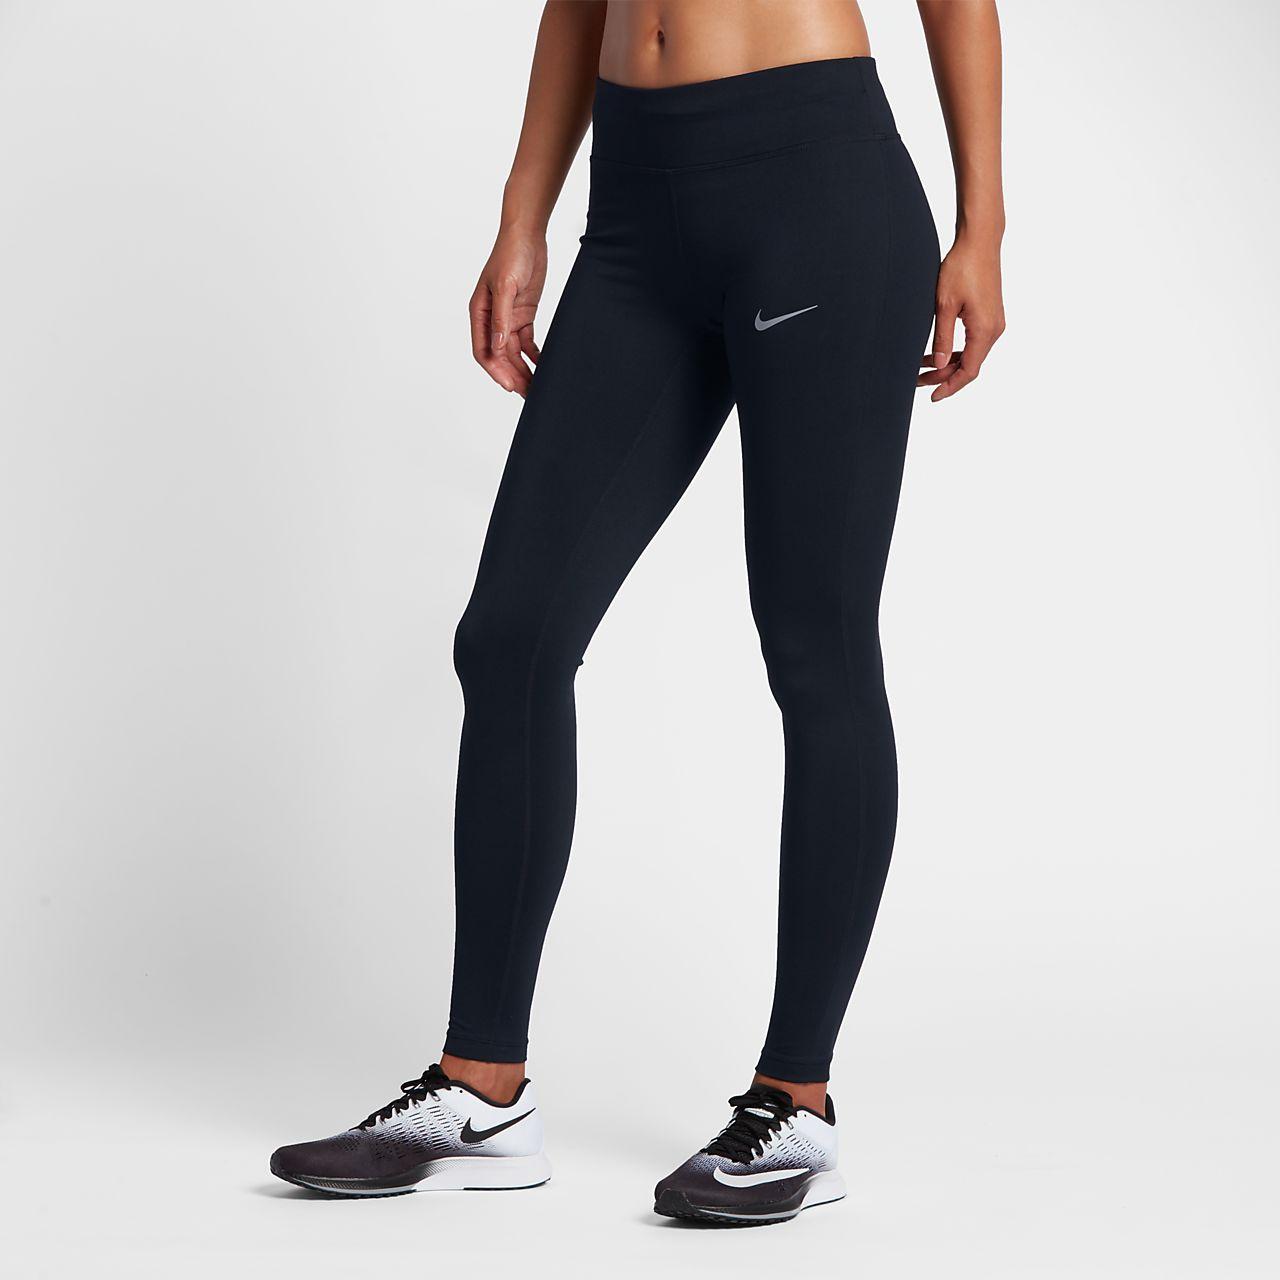 Nike Essential Hardlooptights met halfhoge taille voor dames